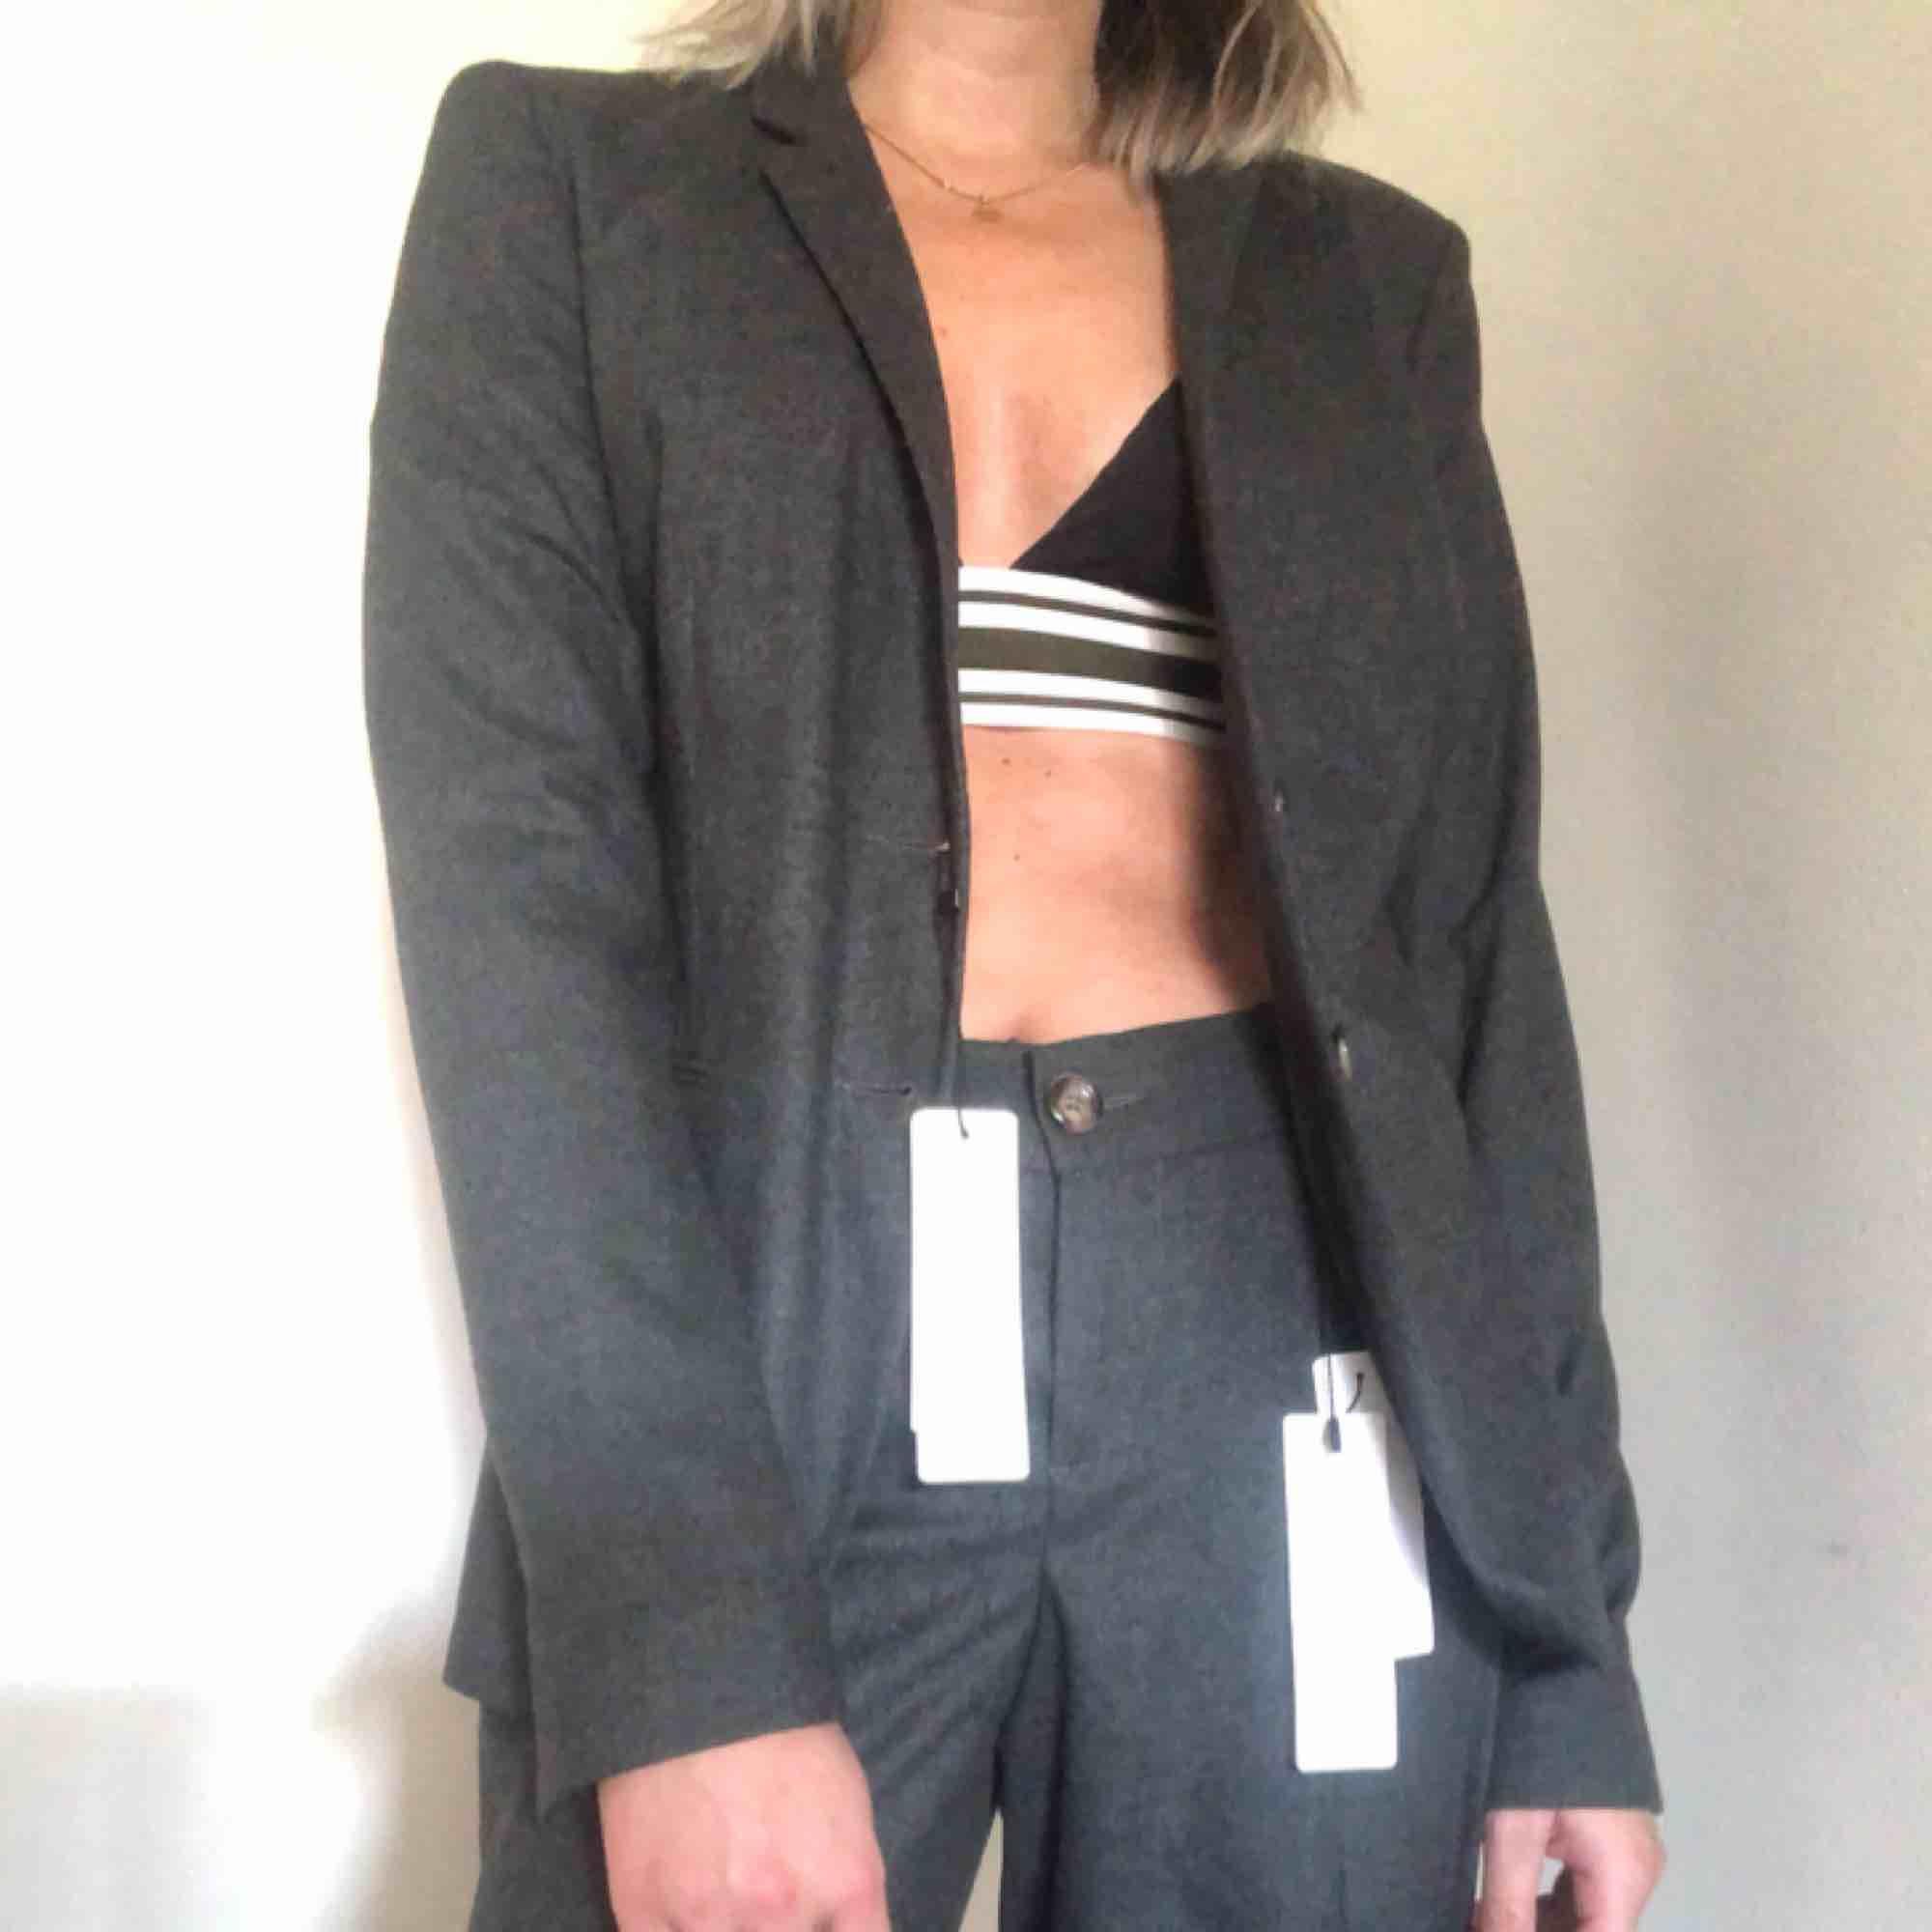 """Kostym (kavaj och byxor) i mjukt """"filttyg"""". Aldrig använd, lapparna kvar. Kavaj (1599kr ny) och raka kostymbyxor (899kr nya). . Kostymer."""